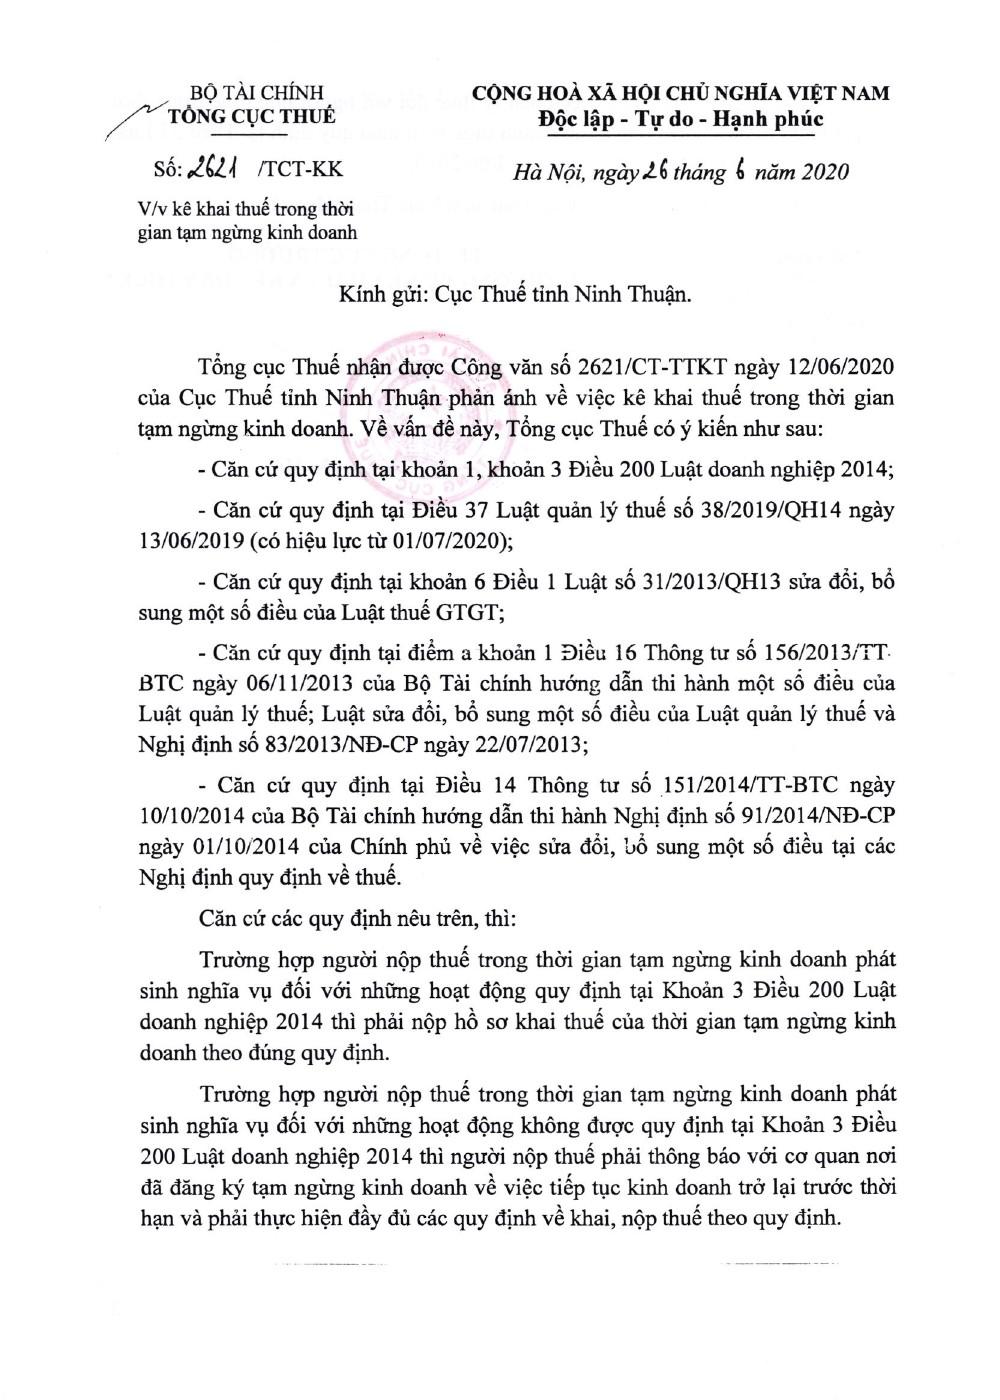 Công văn số 2621/TCT-KK của Tổng cục Thuế ngày 16/06/2020 v/v kê khai thuế trong thời gian tạm ngừng kinh doanh